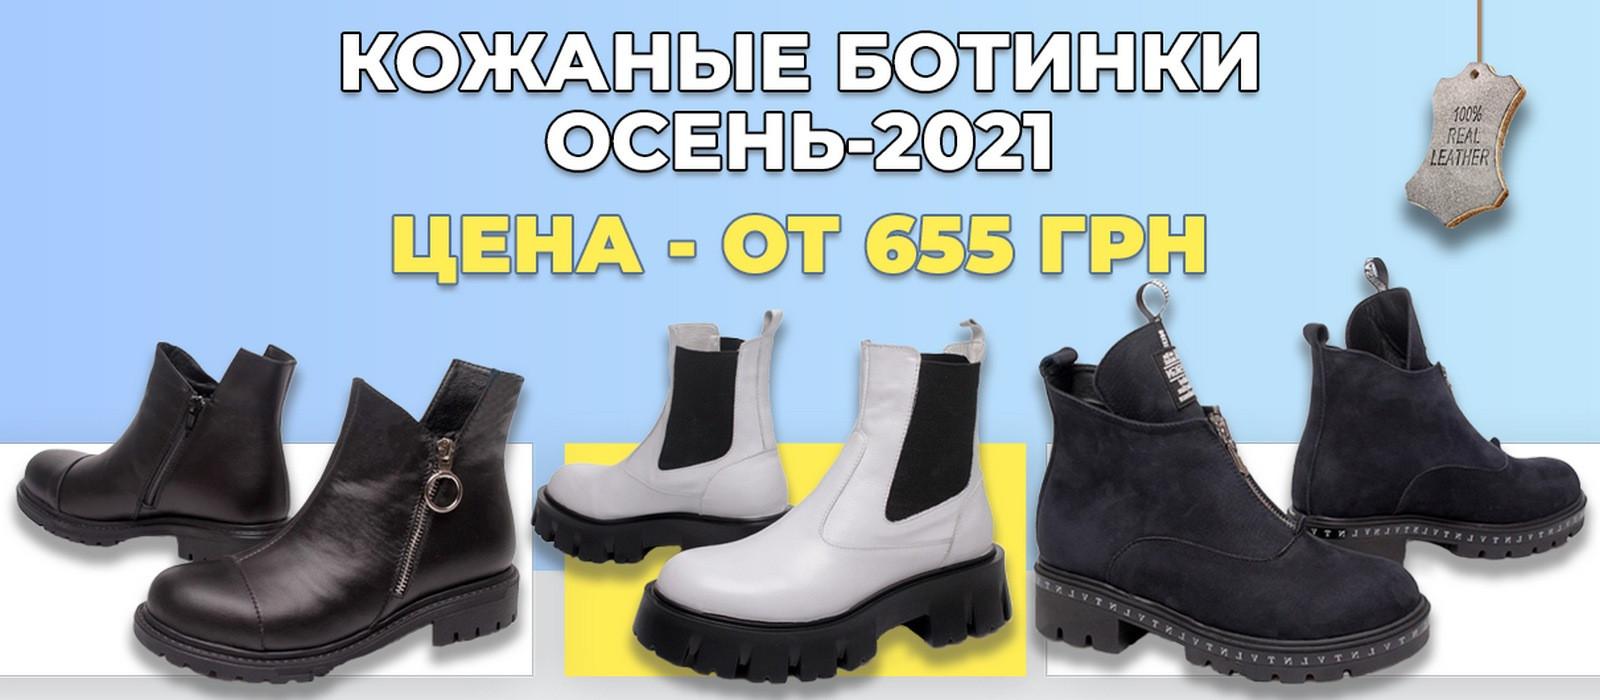 Купить женские ботинки из кожи - оптовая продажа - ПраймОпт